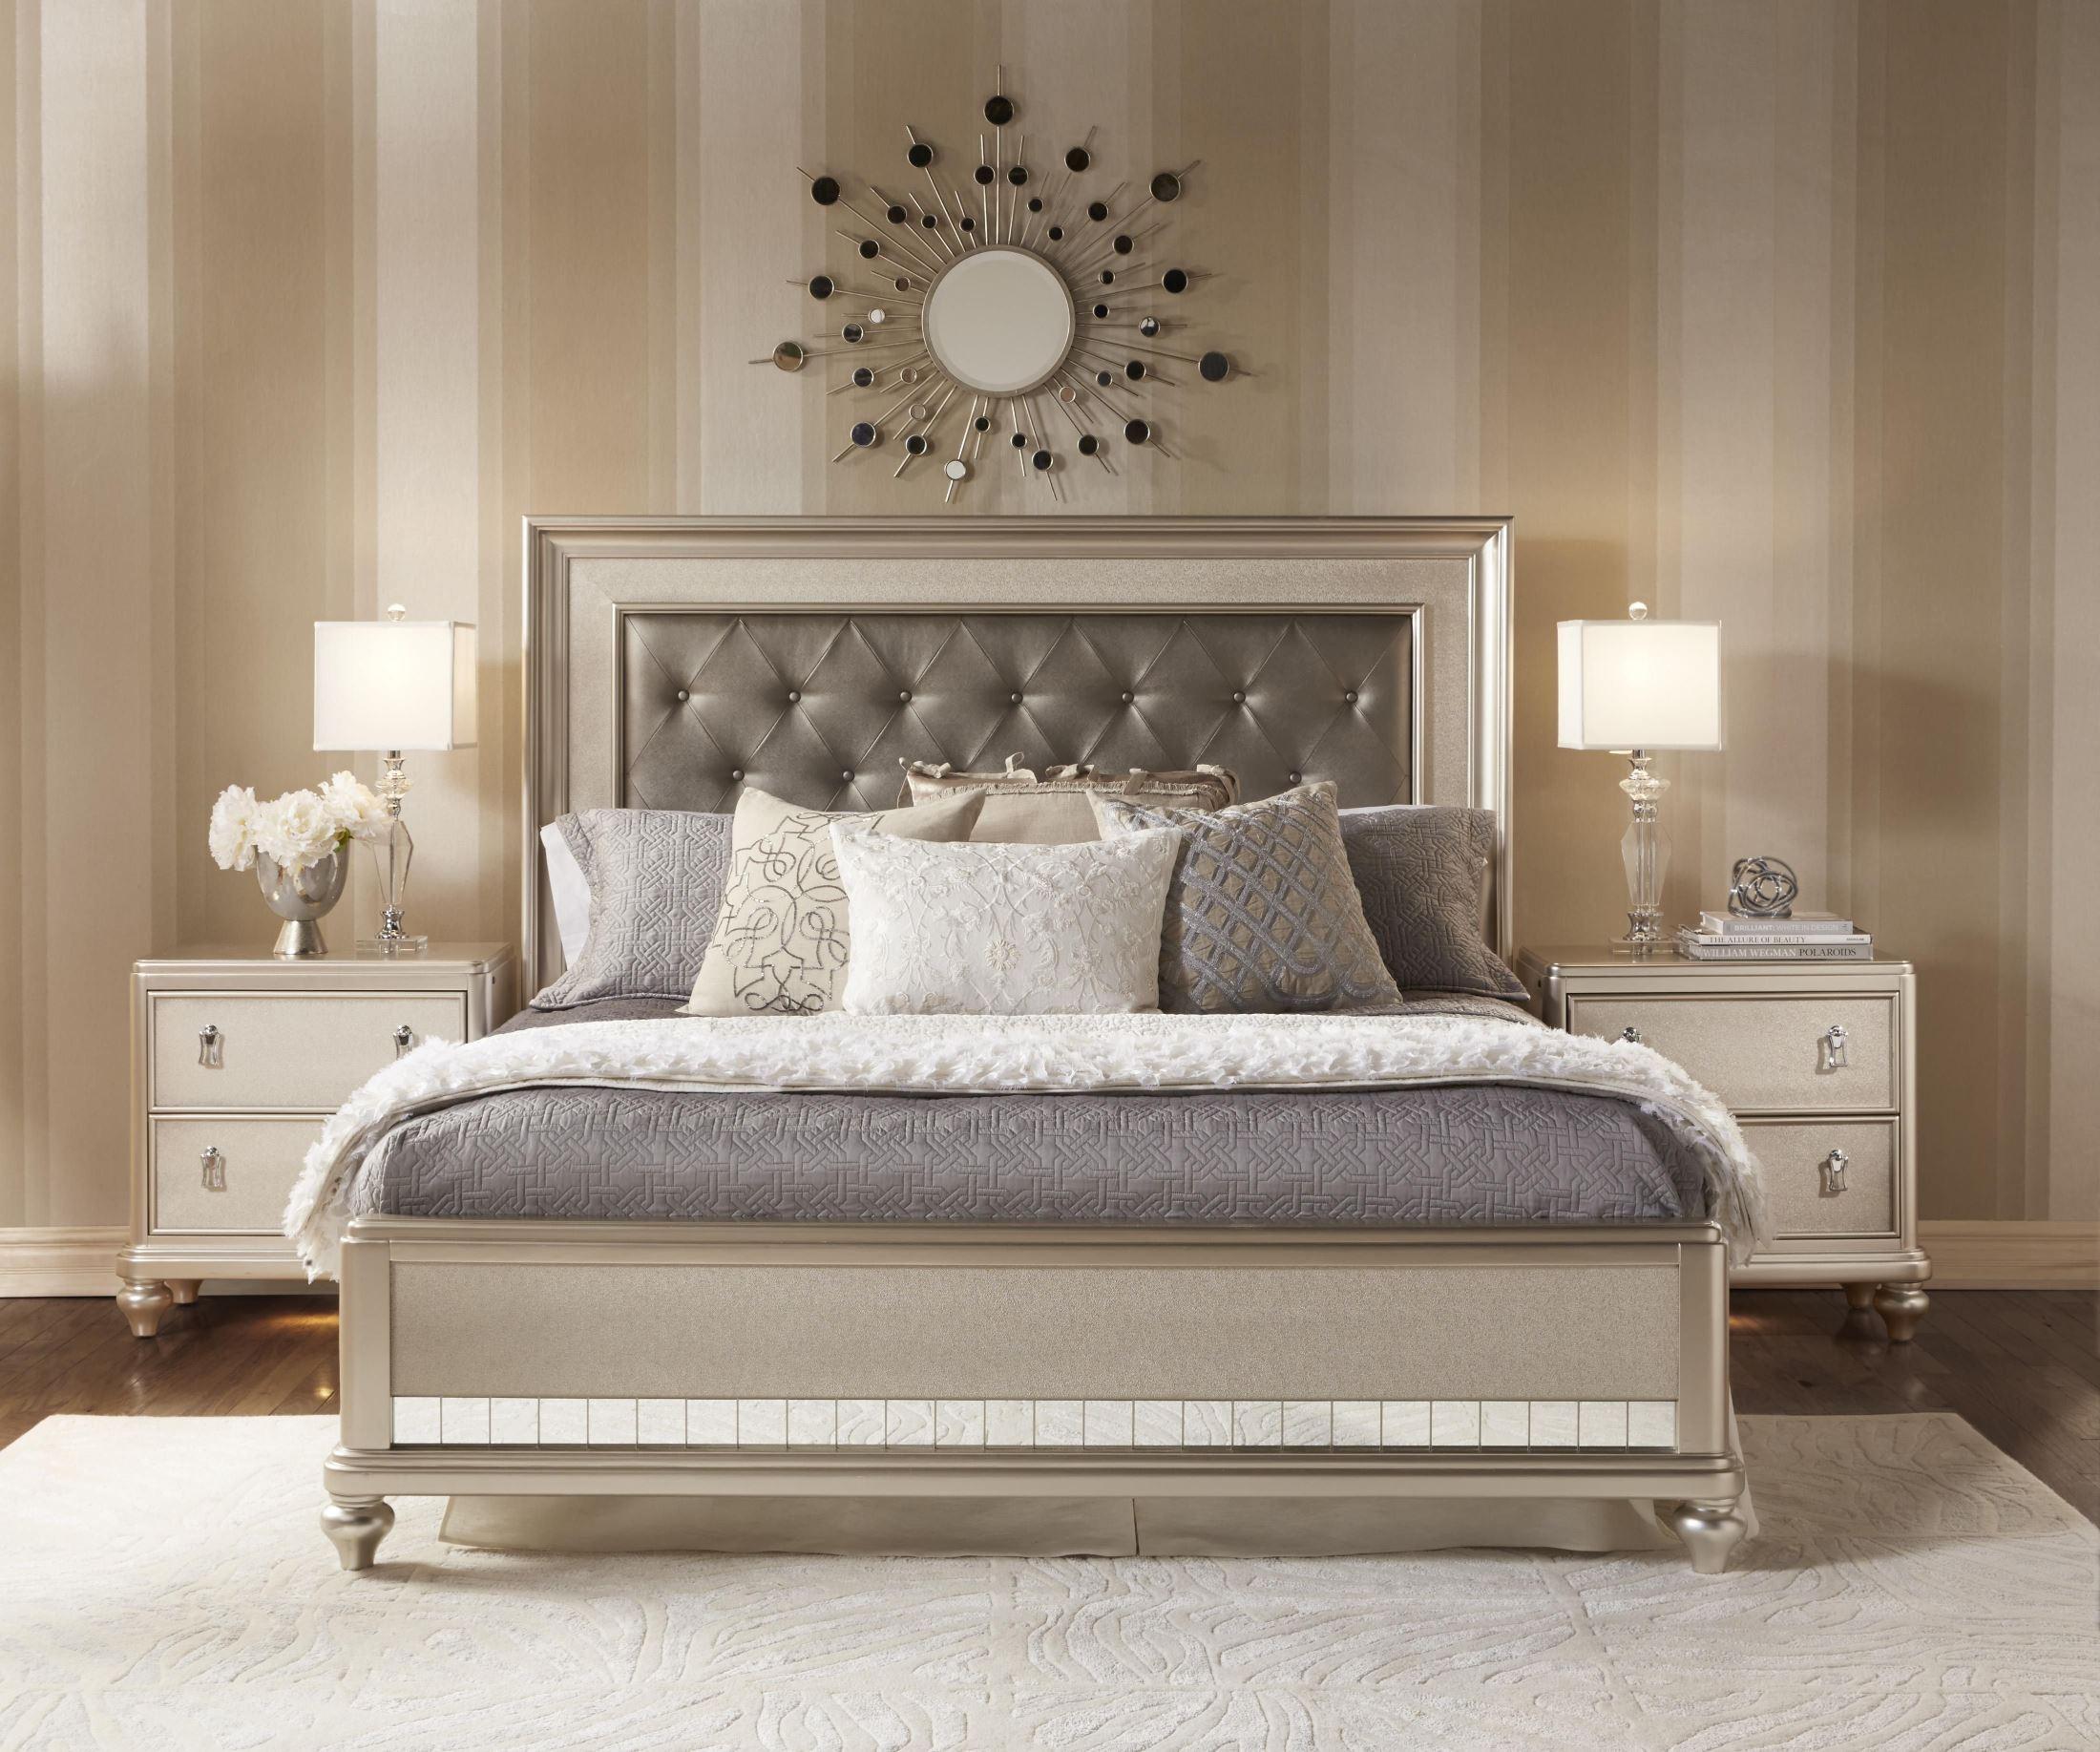 Queen Size Bedroom Dimensions